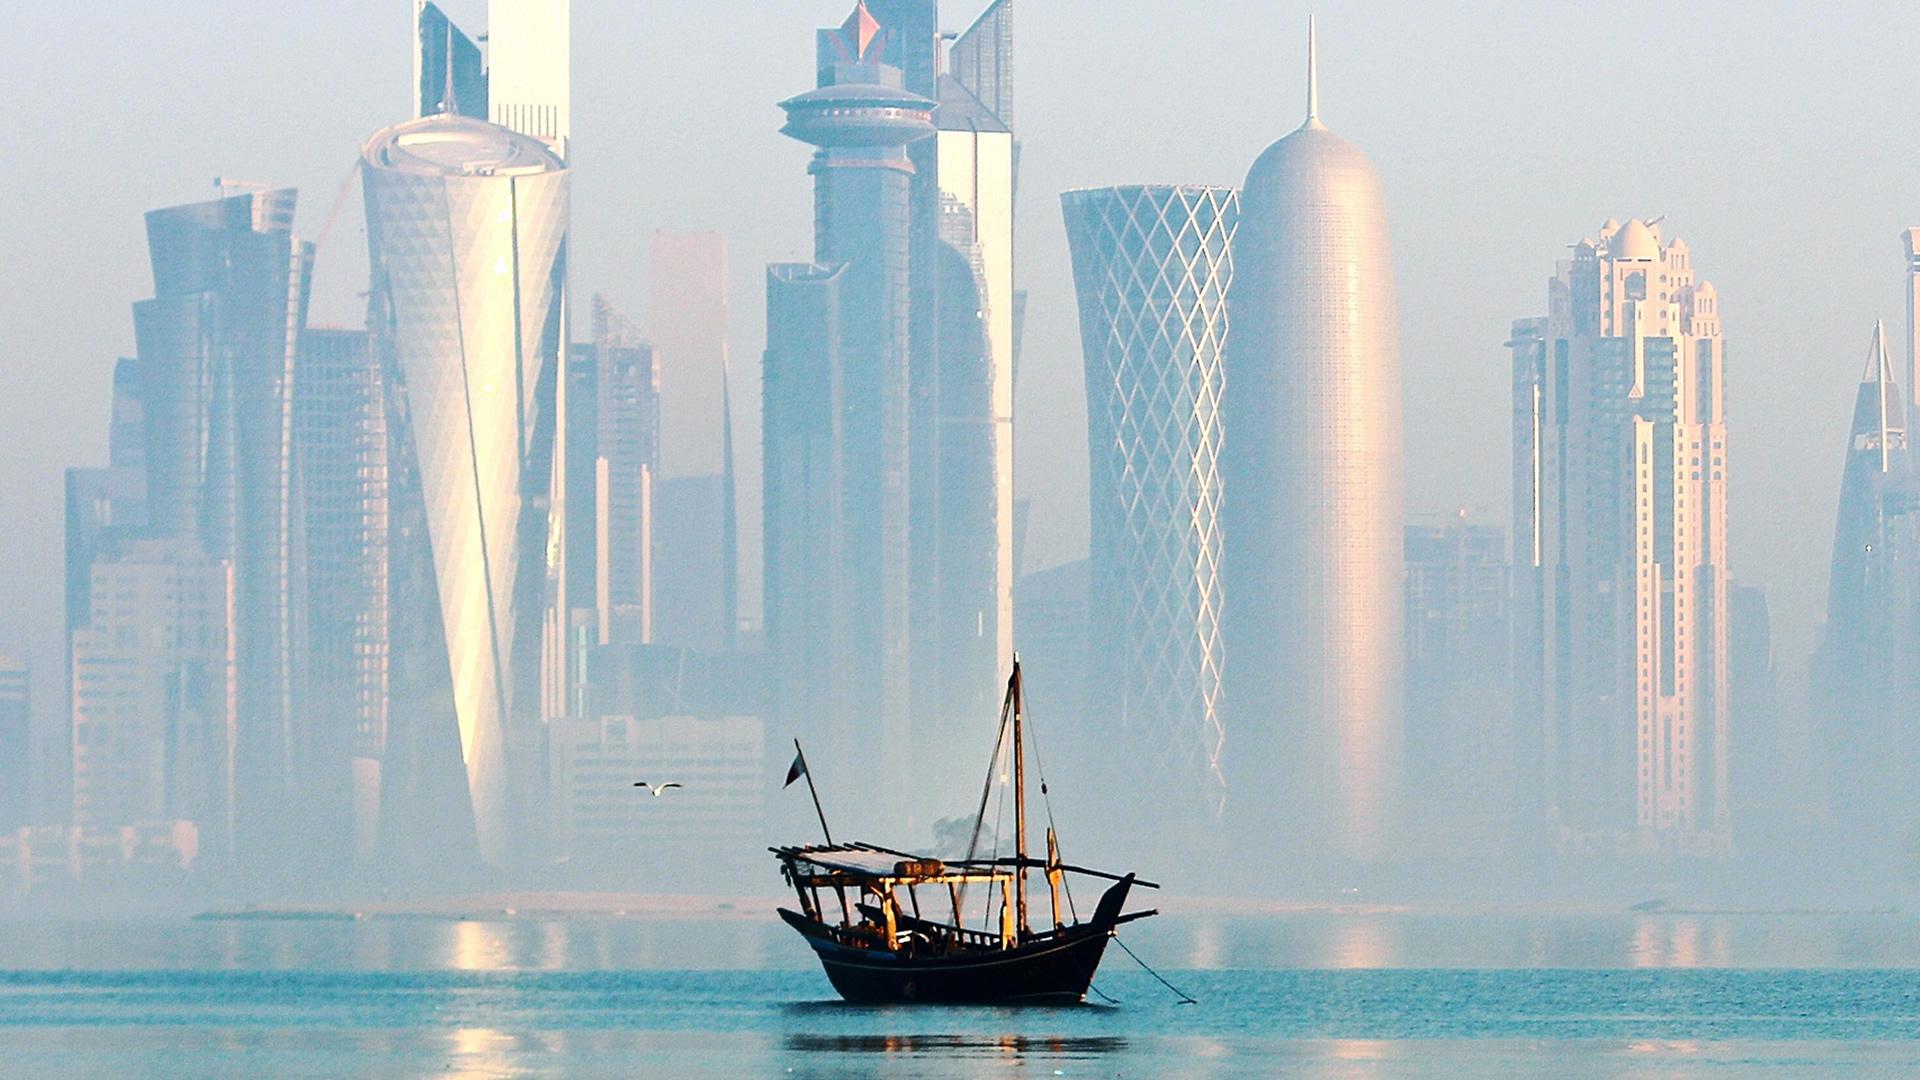 Por primera vez, podremos viajar de Catar a Omán o Kuwait en crucero